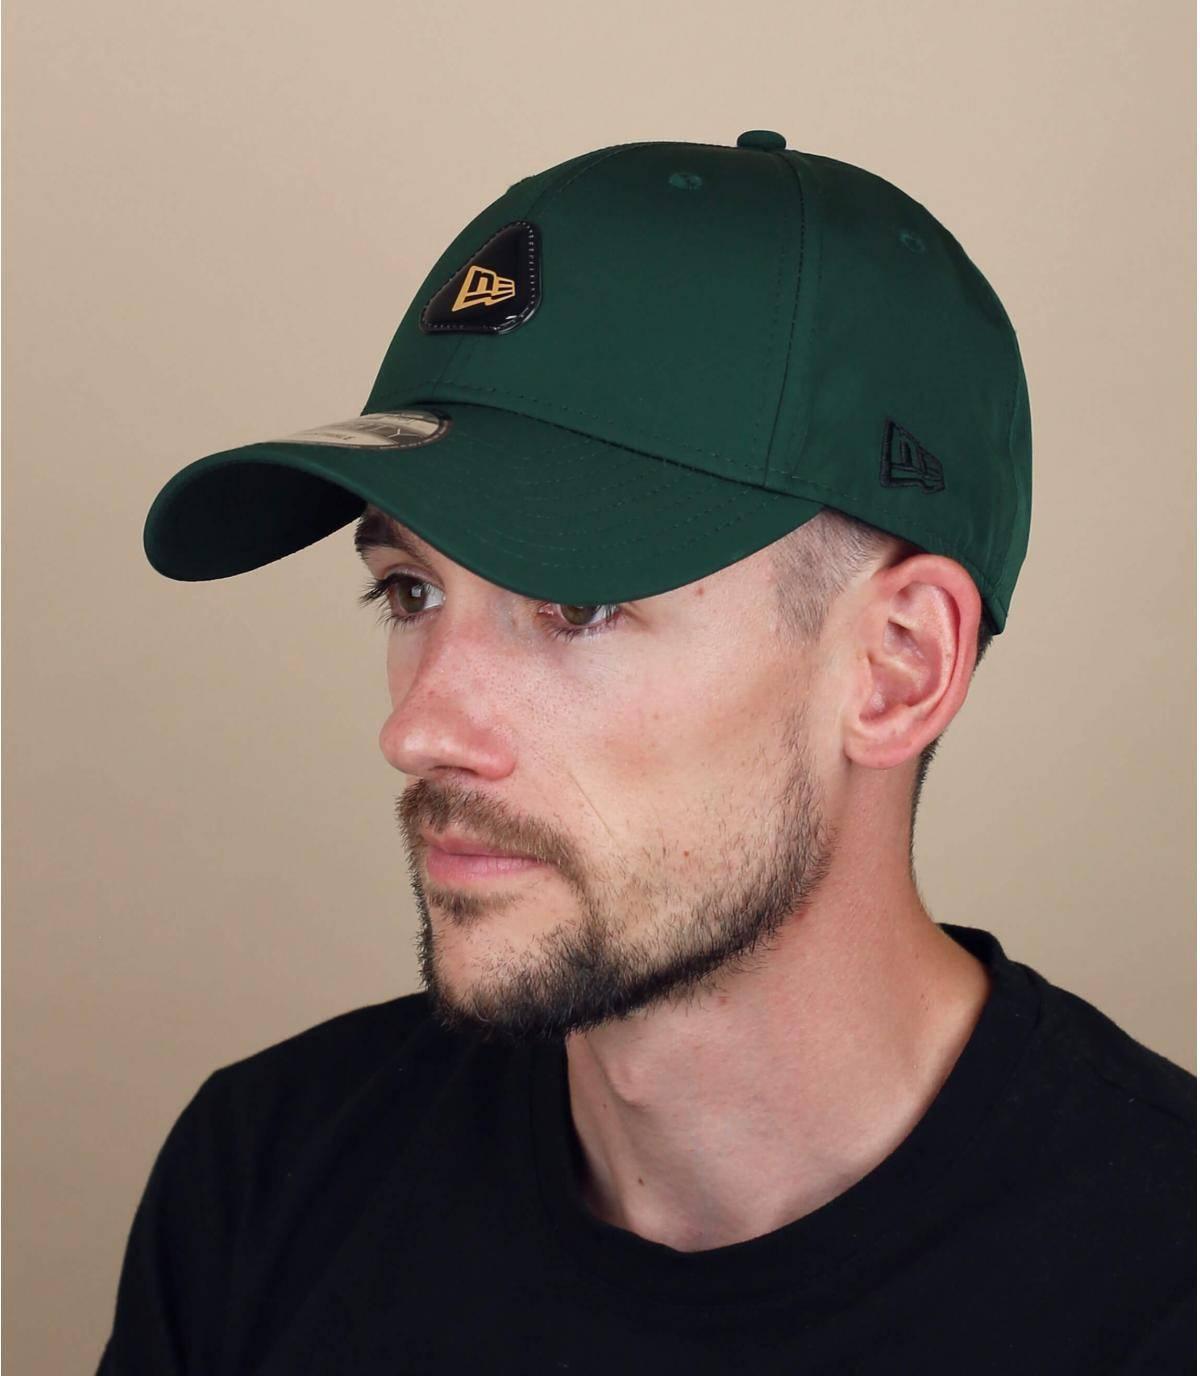 cappellino New Era verde